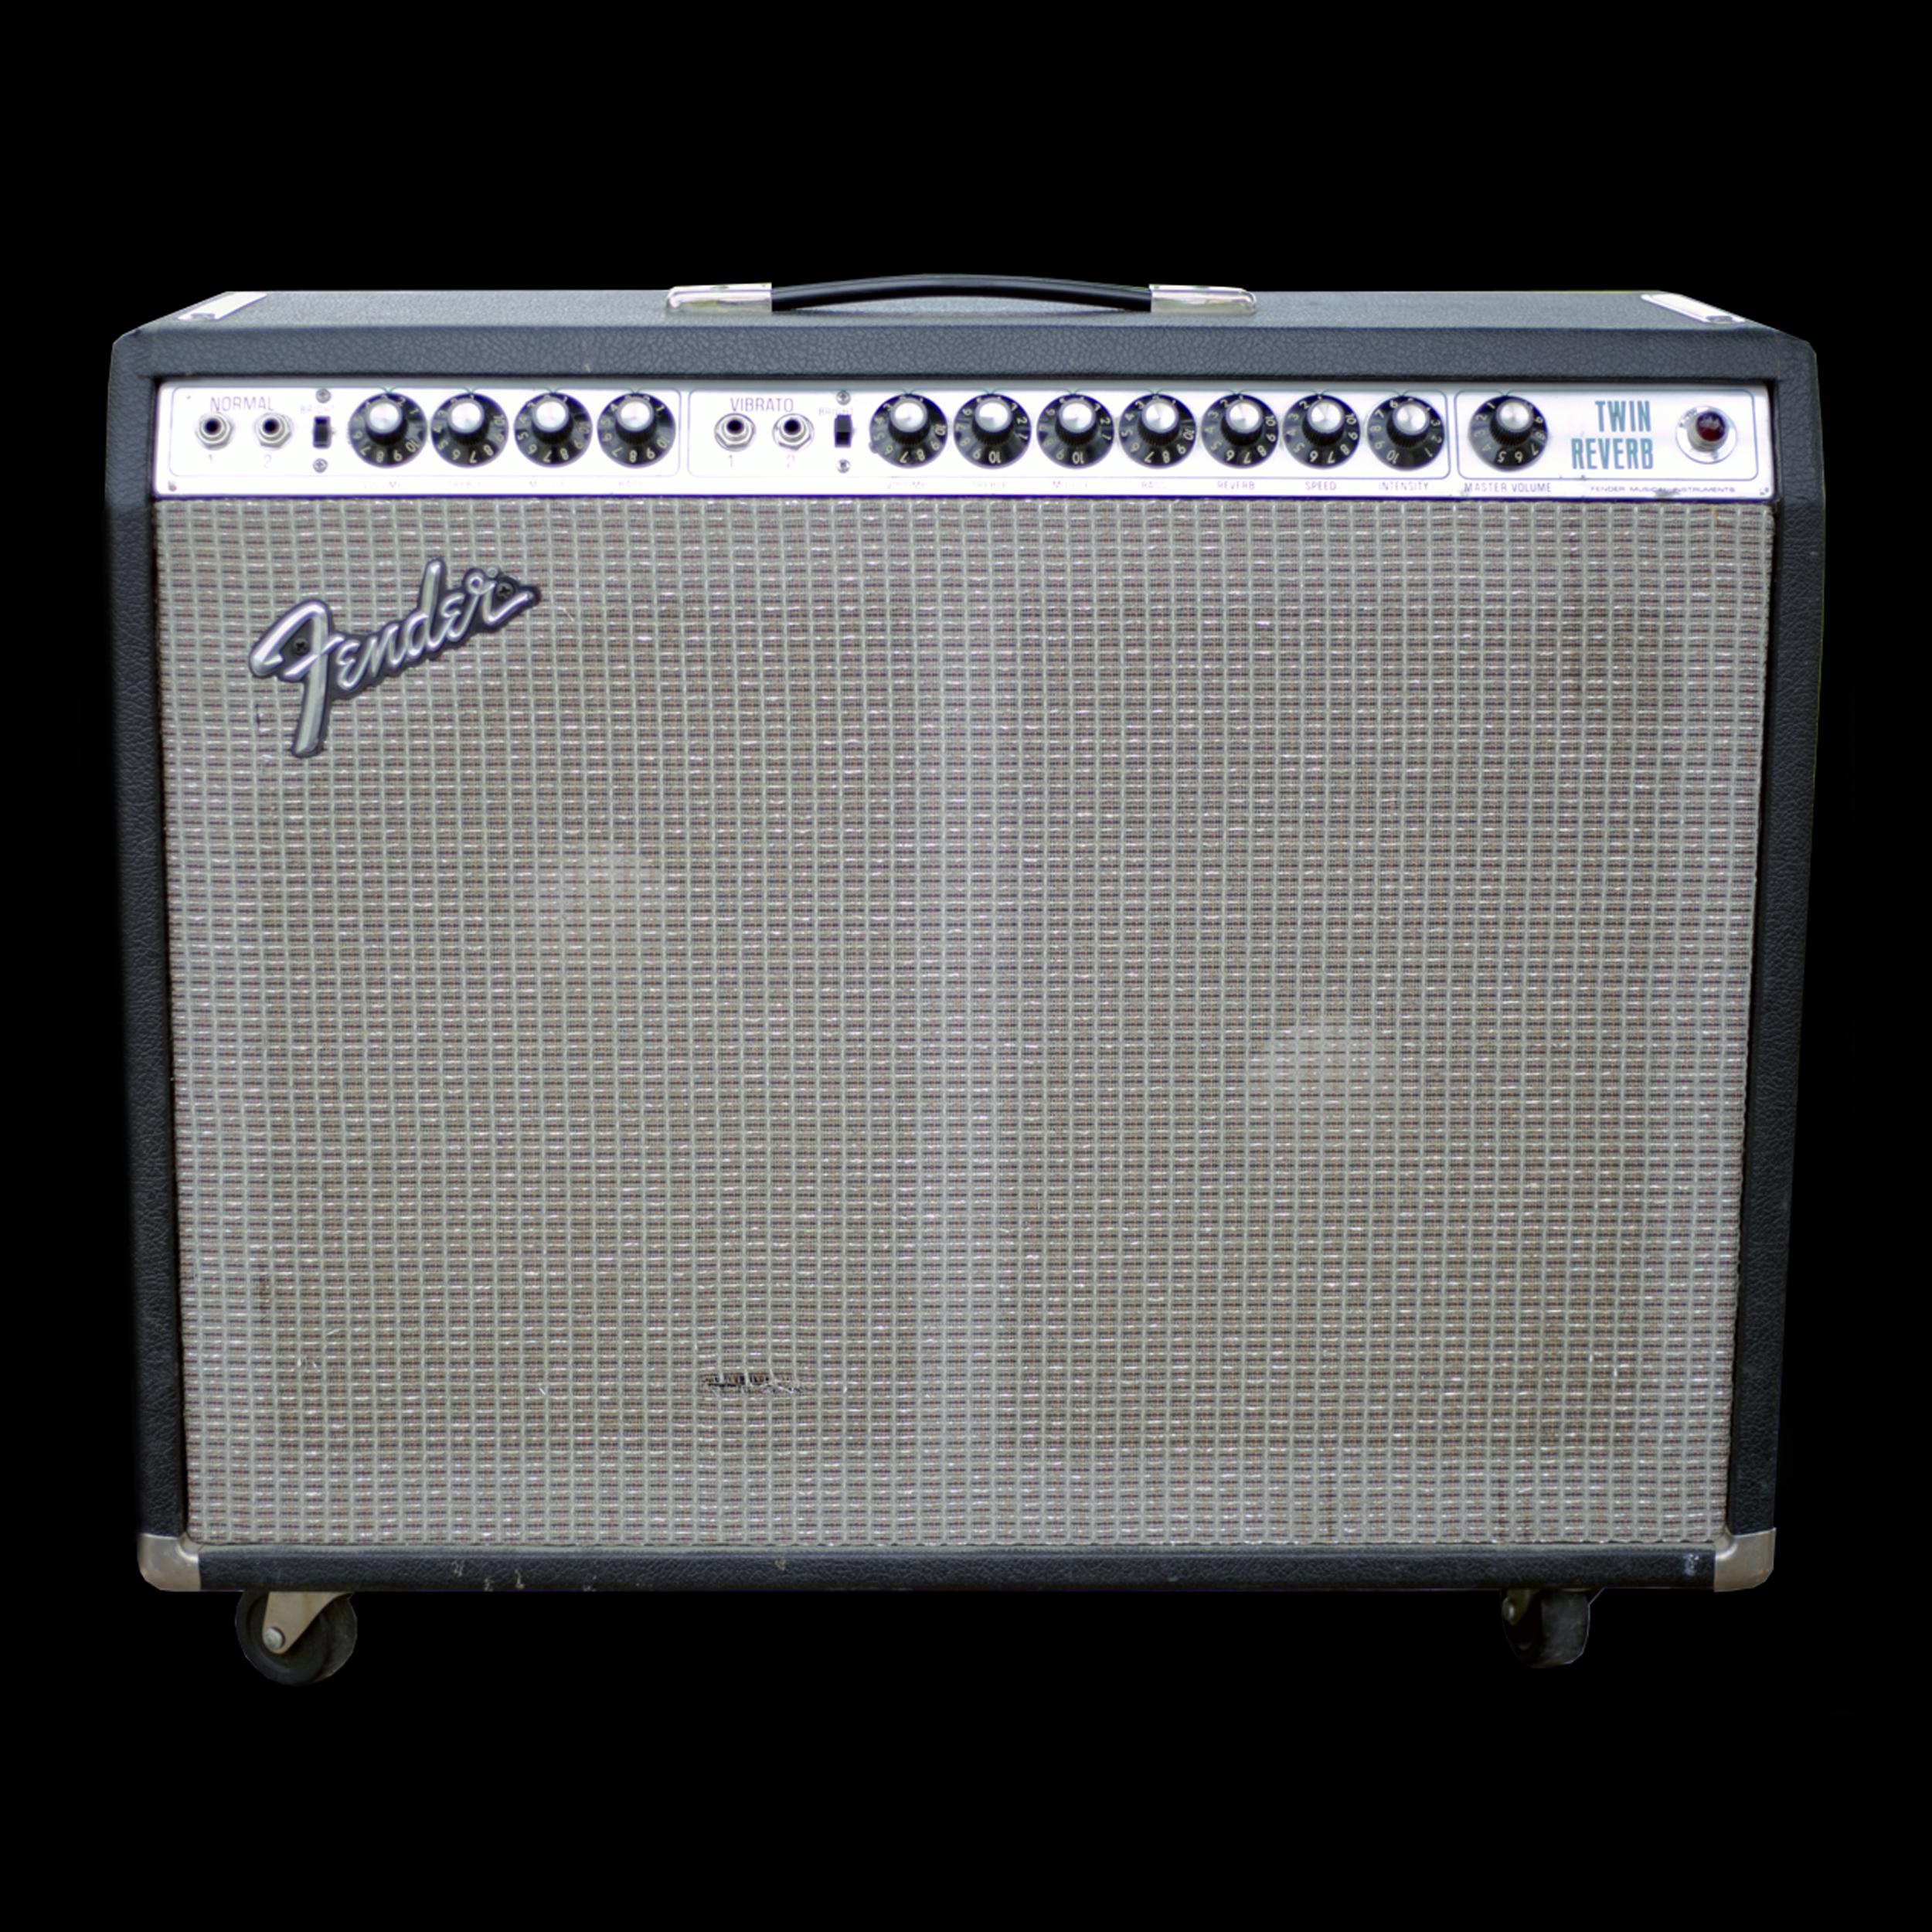 Fender Vintage Reverb 90